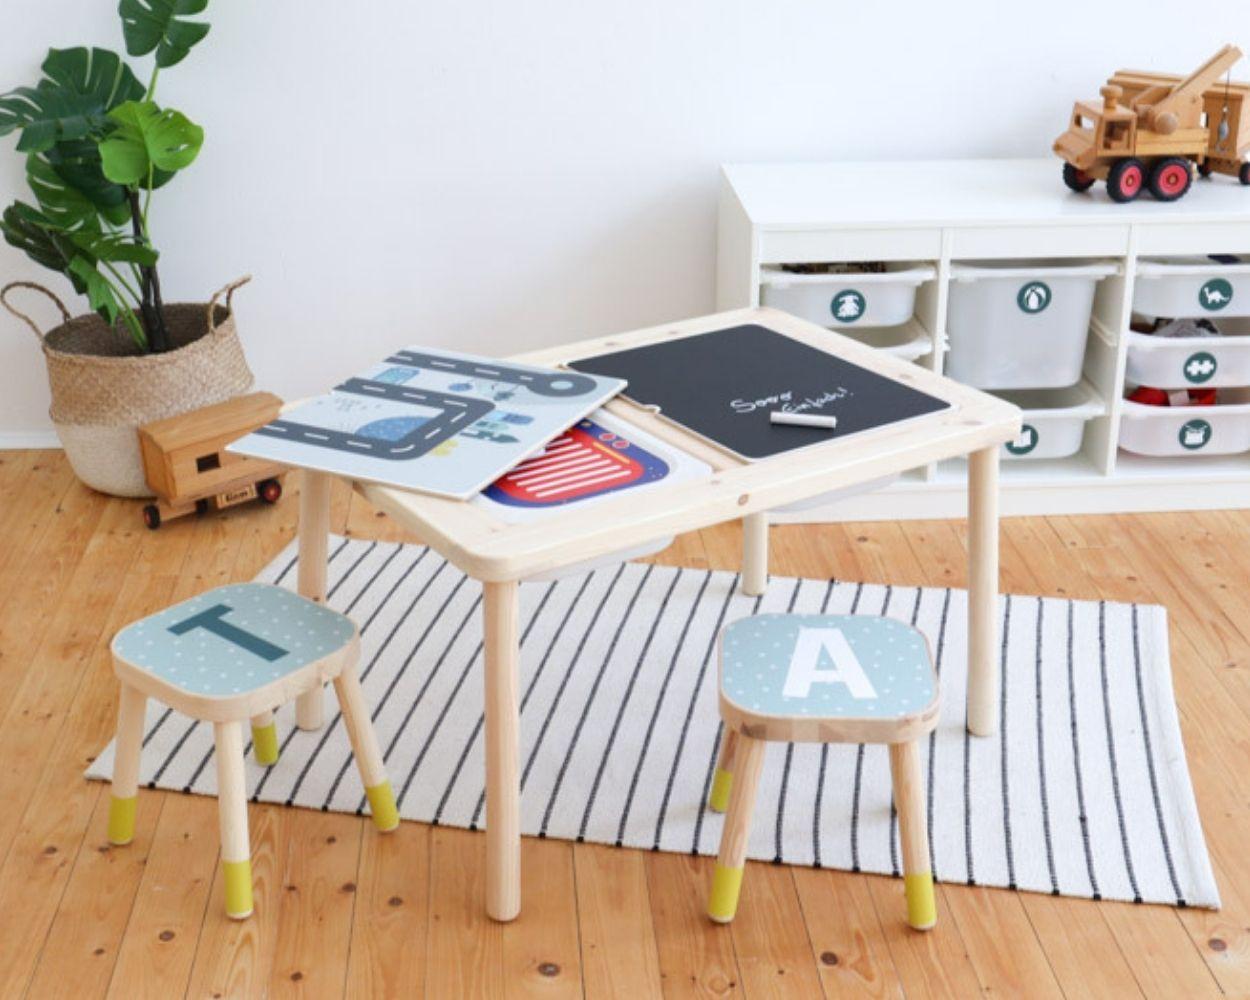 Ikea Multifunktionstisch gestalten Klebefolie